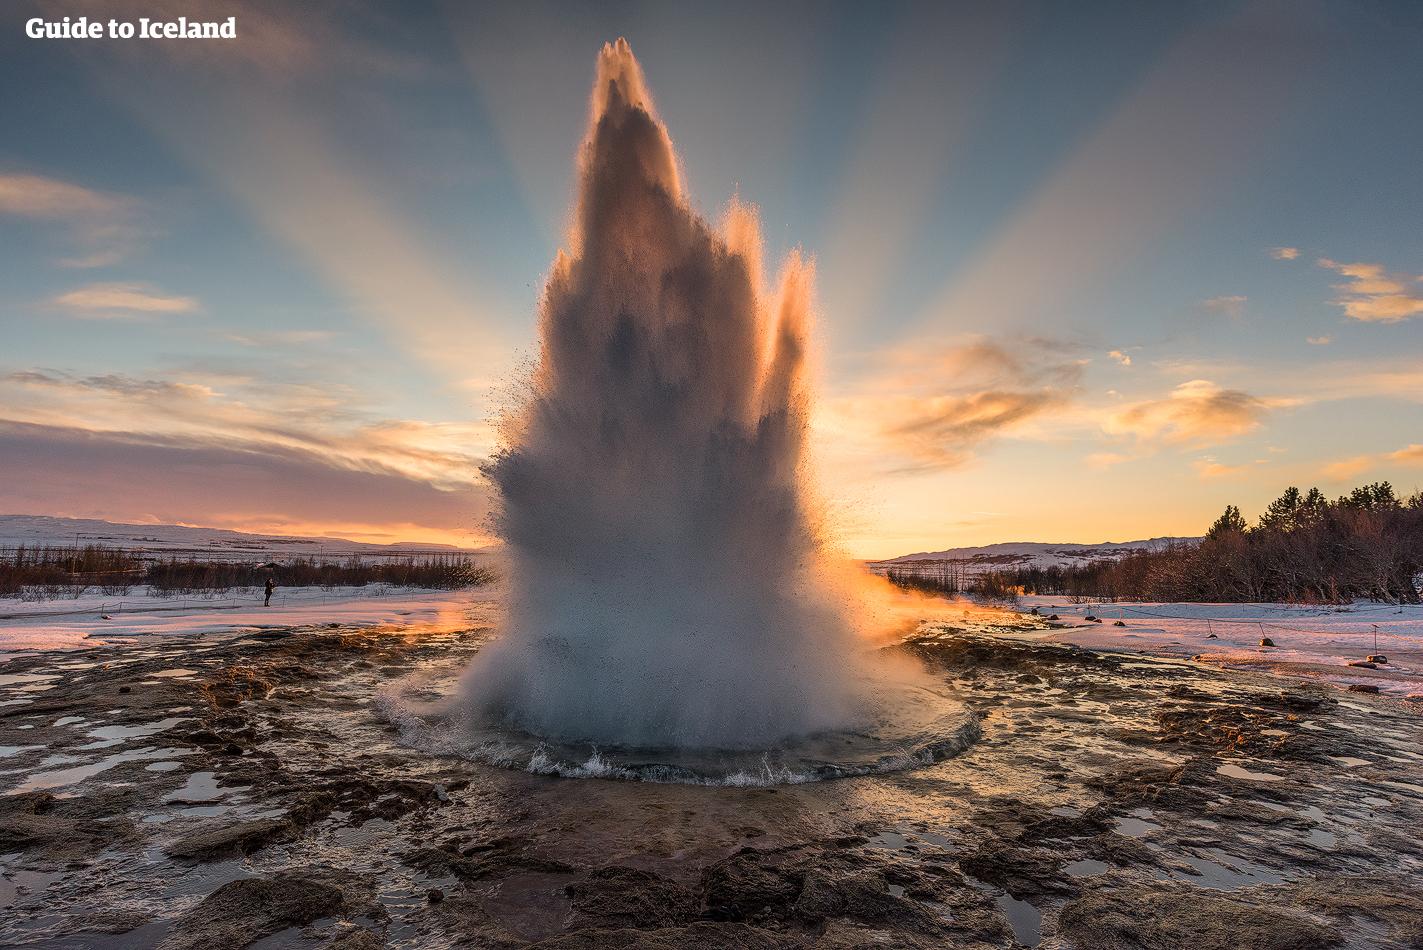 El géiser Strokkur en la zona geotérmica de Geysir estalla bajo el sol de invierno